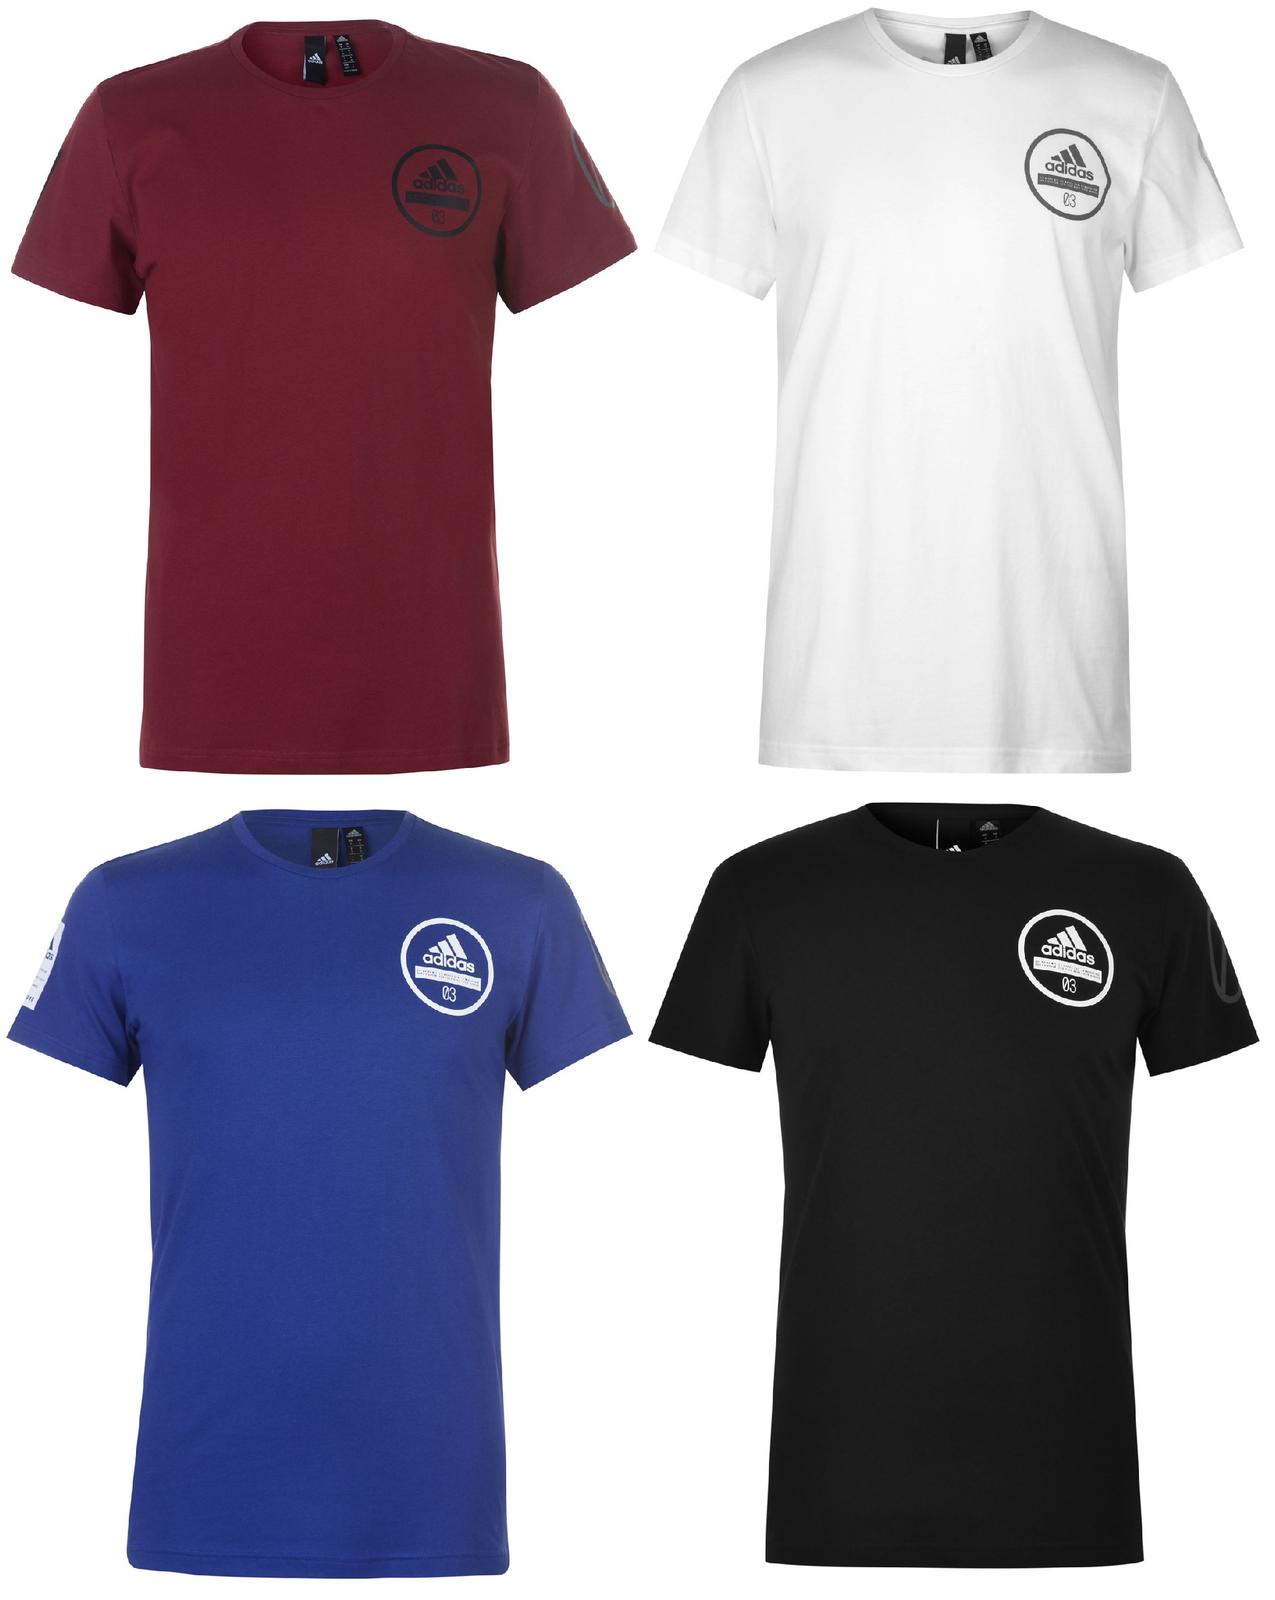 Adidas 360 T-Shirt T shirt Tshirt Kurzarm Herren Top Fitness Freizeit 0071  | Züchtungen Eingeführt Werden Eine Nach Der Anderen